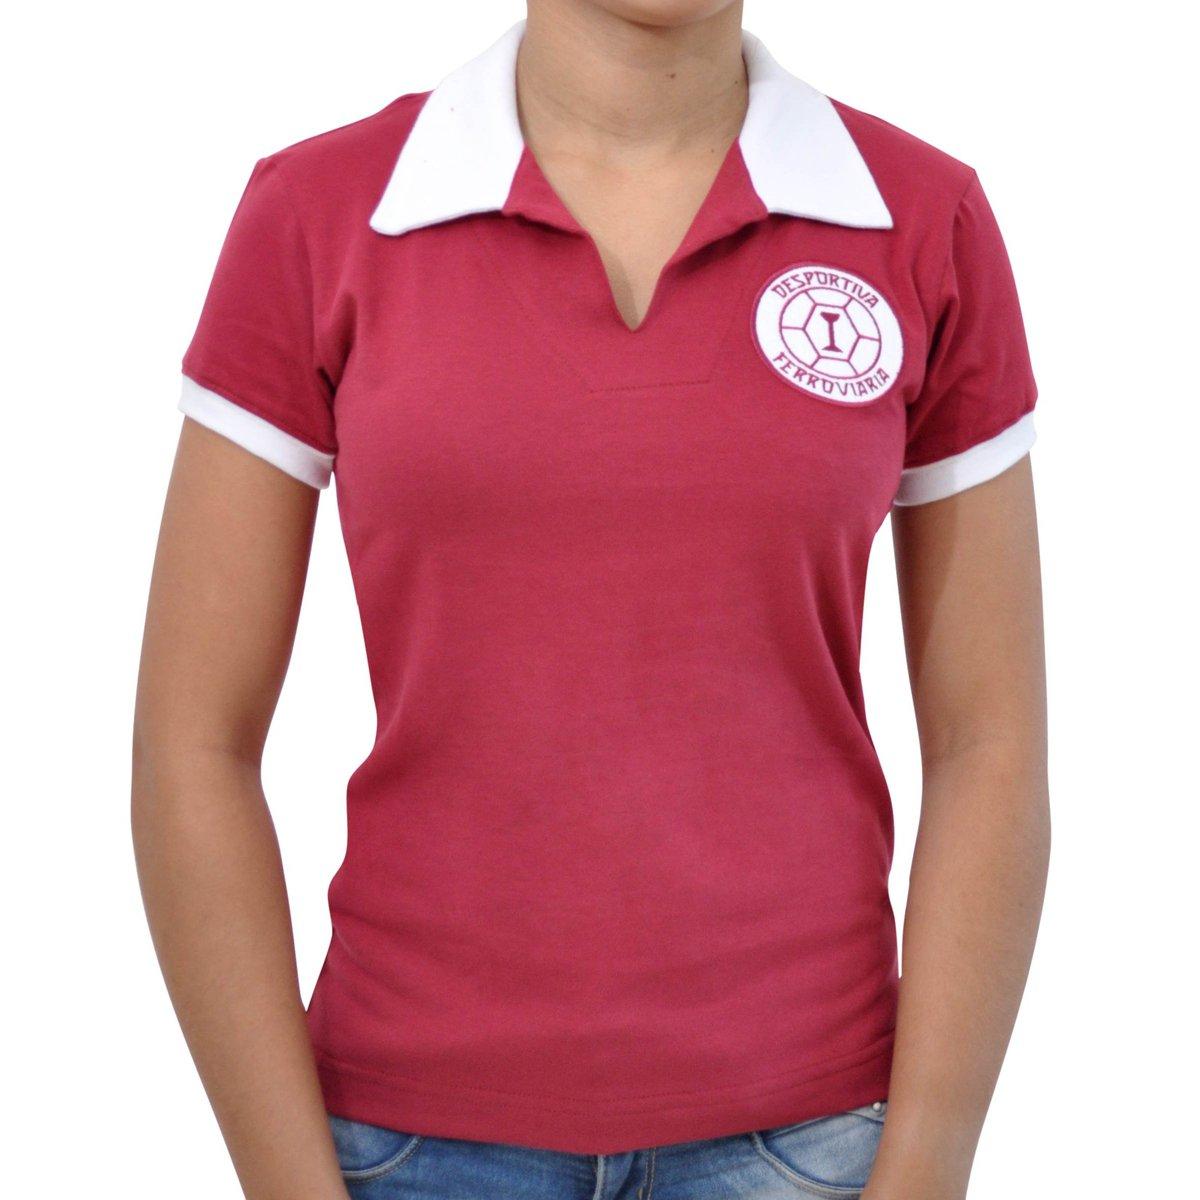 Camisa Retrô Mania Mania Retrô Vinho 1965 Camisa Feminina Desportiva Ferroviária dSw7SxF6q